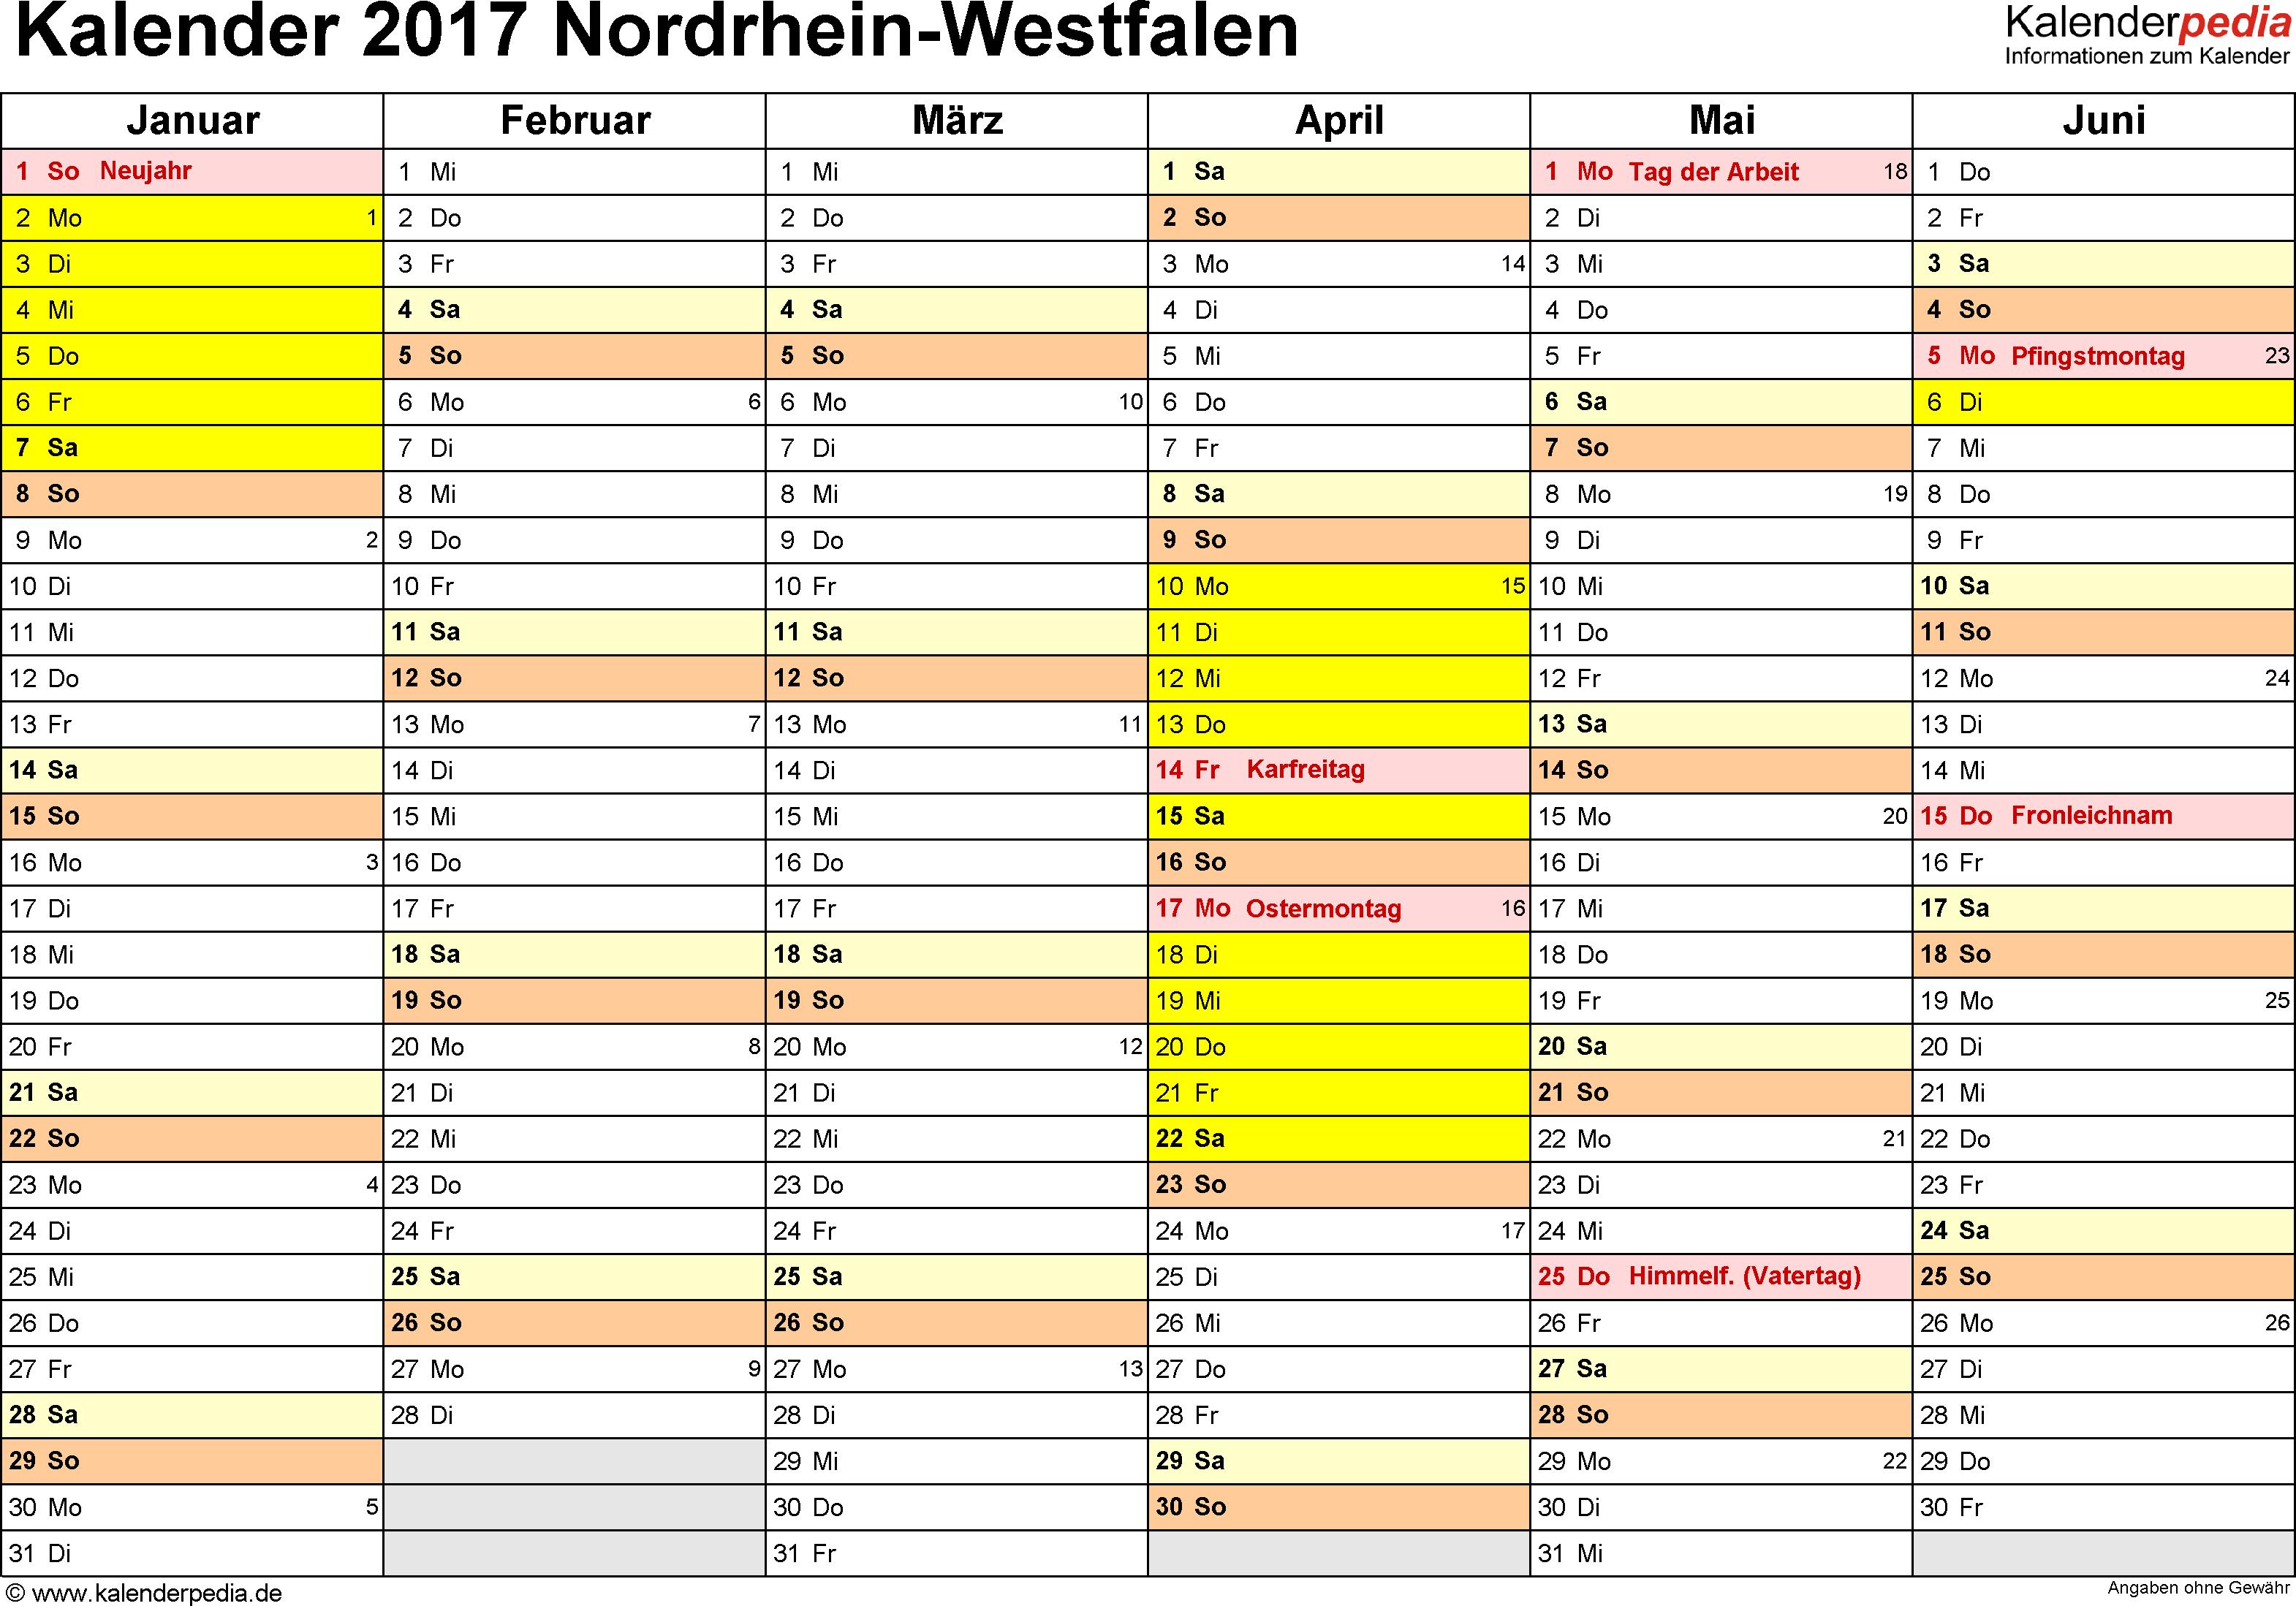 Vorlage 2: Kalender 2017 für Nordrhein-Westfalen (NRW) als Word-Vorlage (Querformat, 2 Seiten)